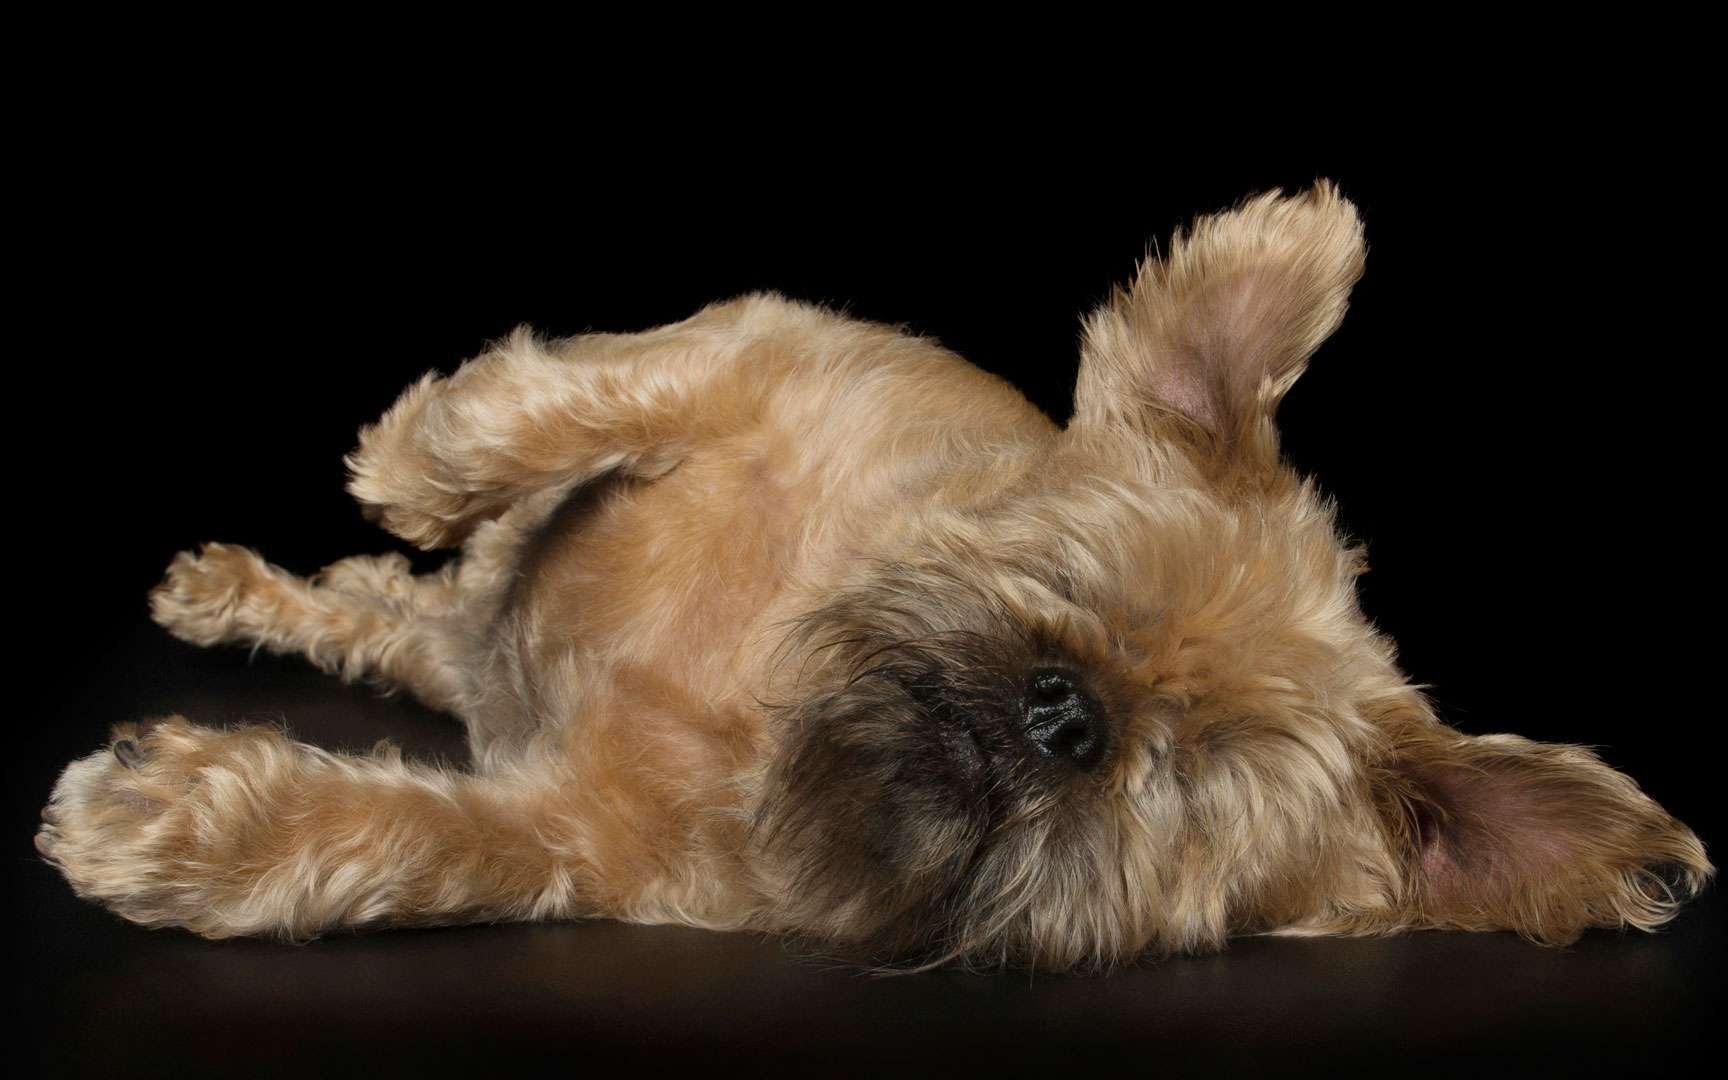 Chez le chien, le glaucome — comprenez l'augmentation de la pression à l'intérieur de l'œil — est une affection assez fréquente. Et faute d'être prise en charge rapidement, elle peut entraîner la perte de l'œil.En 2011, Lady Bug y a ainsi laissé un premier œil. Puis c'est le second qui a été touché. Malgré les efforts engagés par «ses humains» et les vétérinaires, elle a dû être à nouveau opérée en 2014, juste avant Noël. Pourtant, Lady Bug n'a pas perdu sa vitalité. Elle a rapidement su apprendre à faire confiance à ses autres sens pour continuer à profiter pleinement de la vie. © Alex Cearns, Tous droits réservés